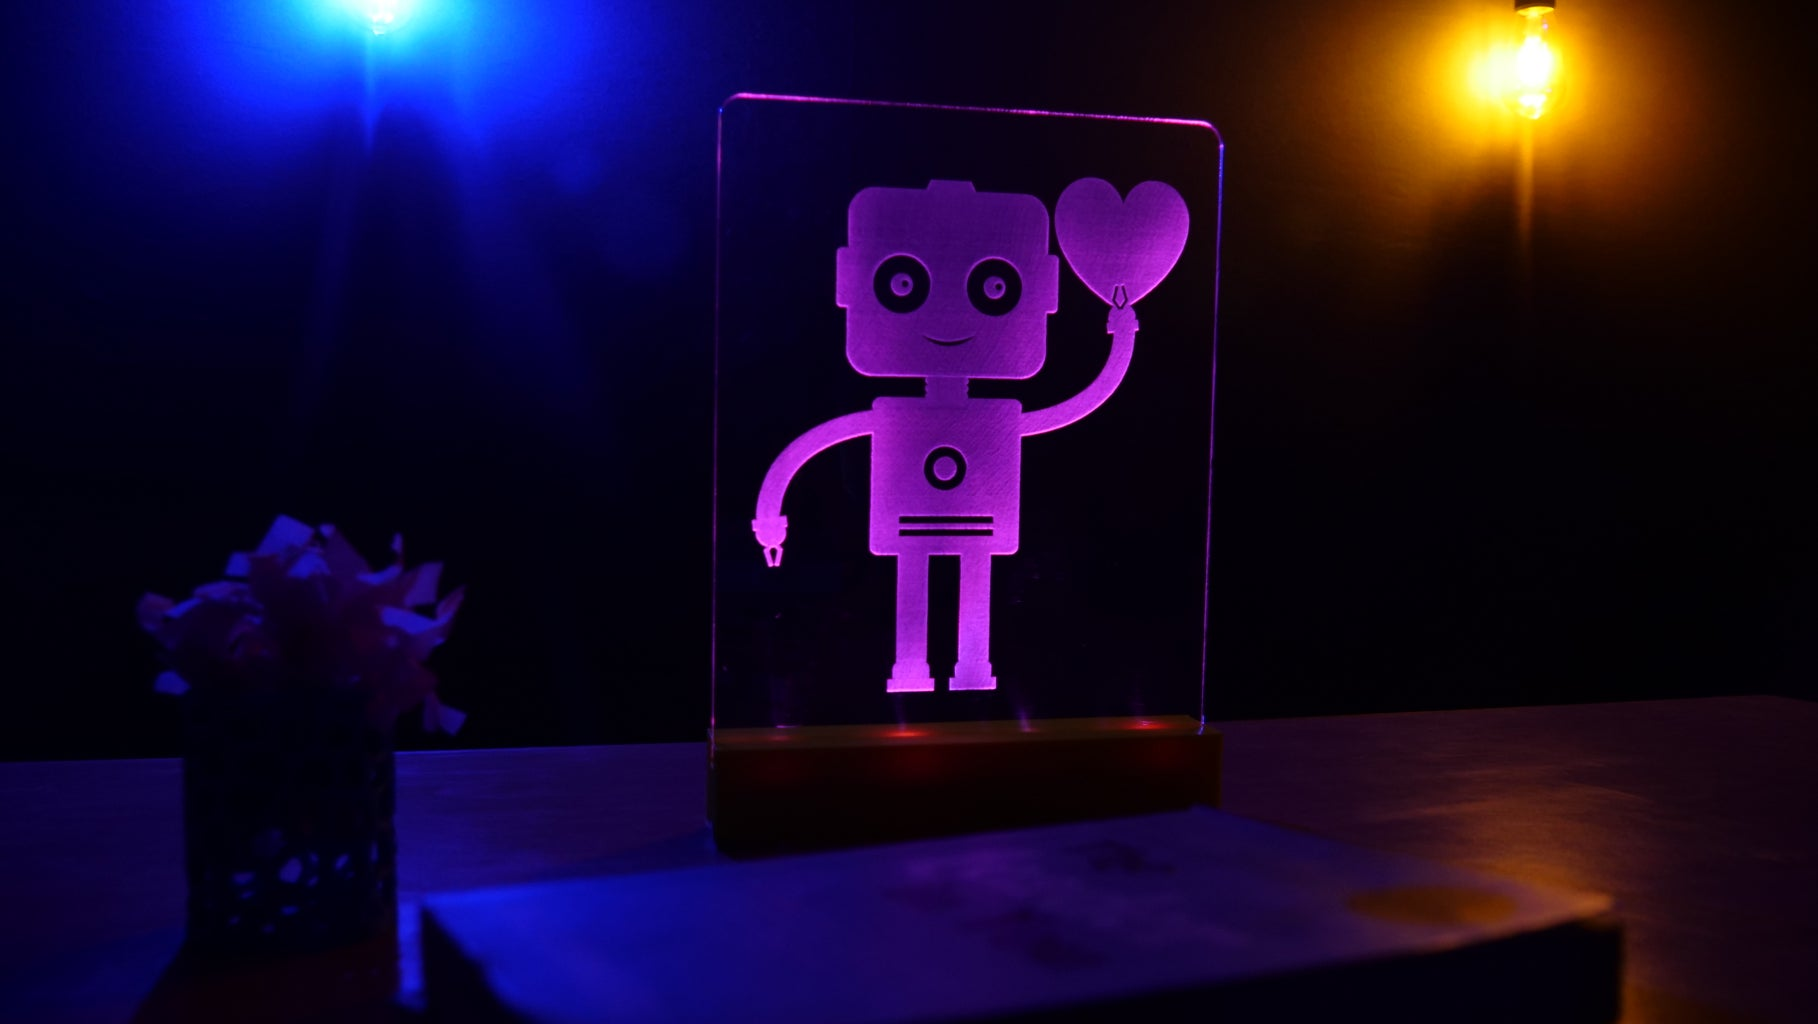 Edge Lit Acrylic LED Sign Using Arduino